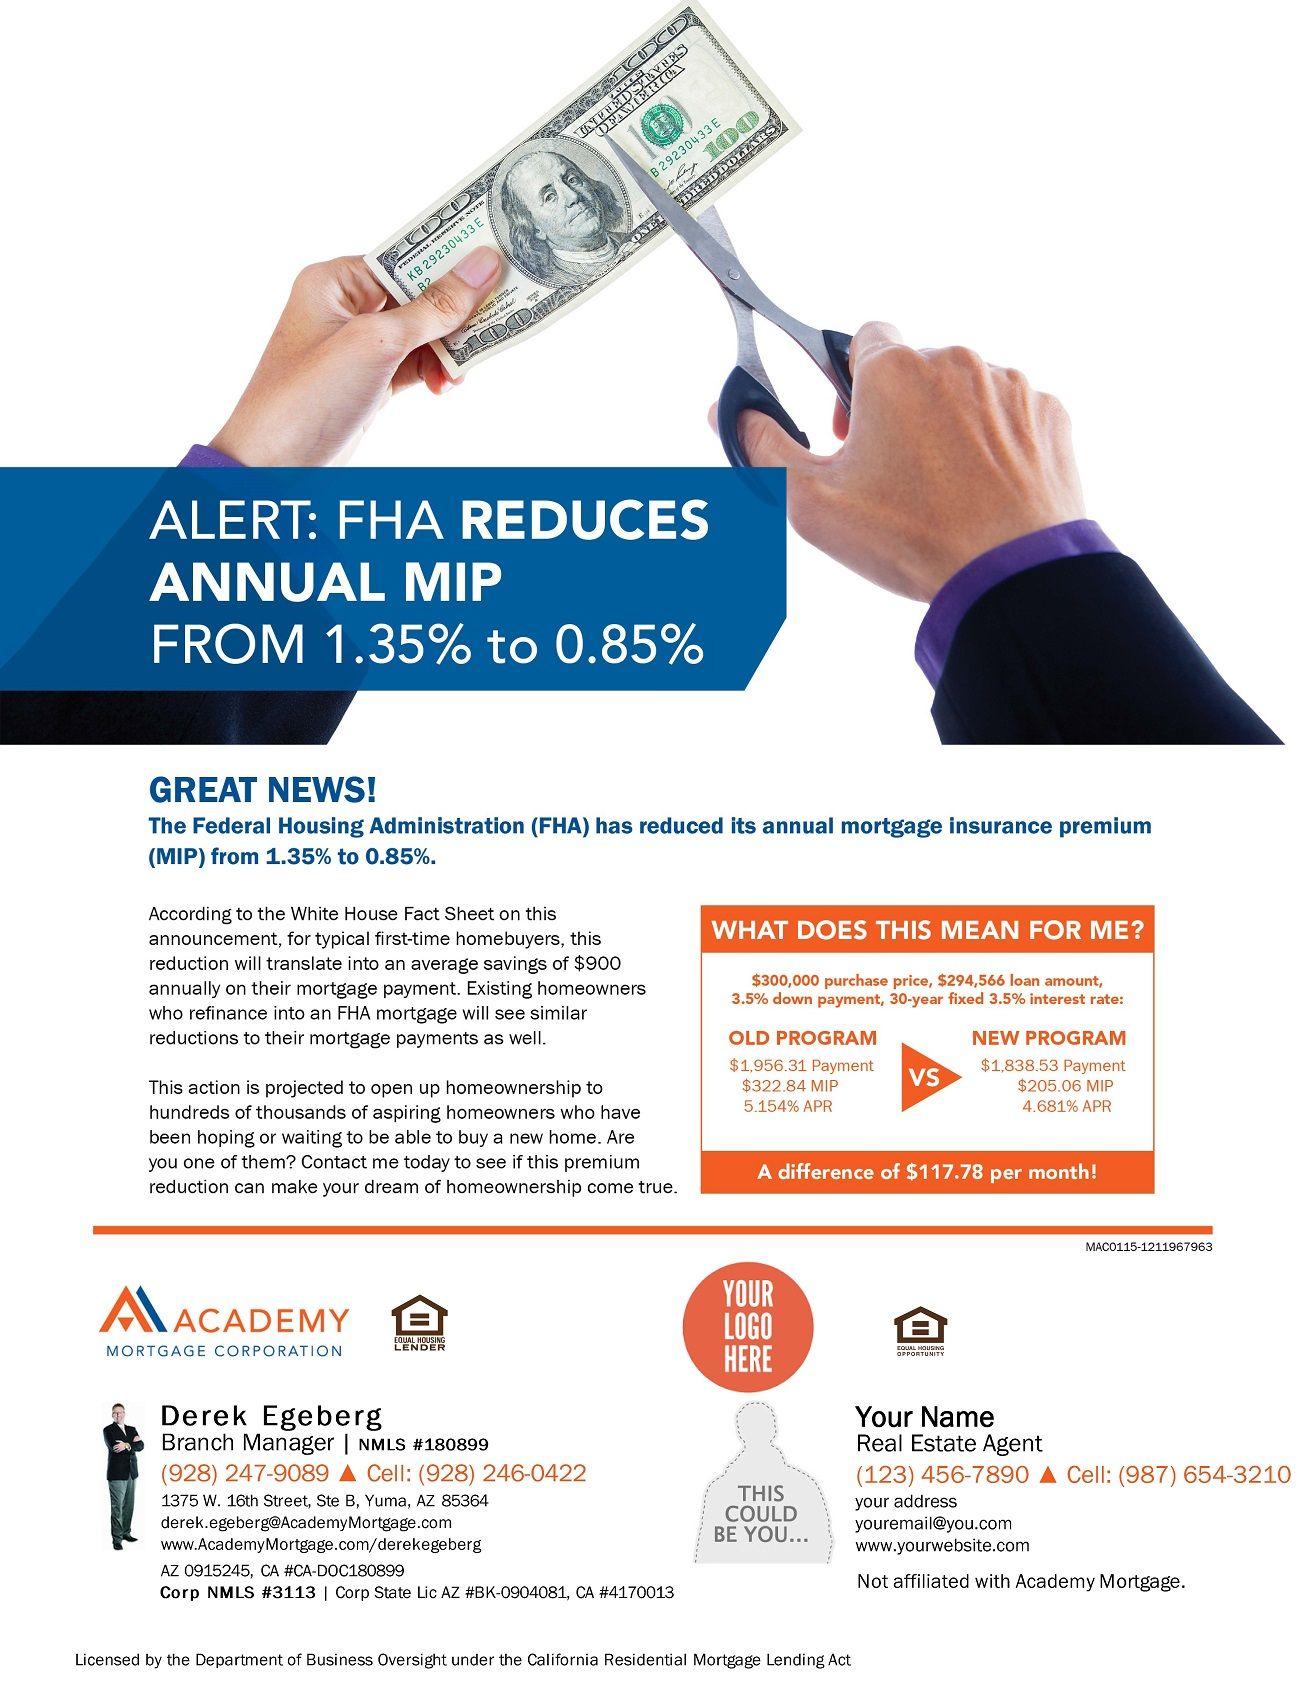 Loan Alert Co Branded Best Mortgage Lenders Top Mortgage